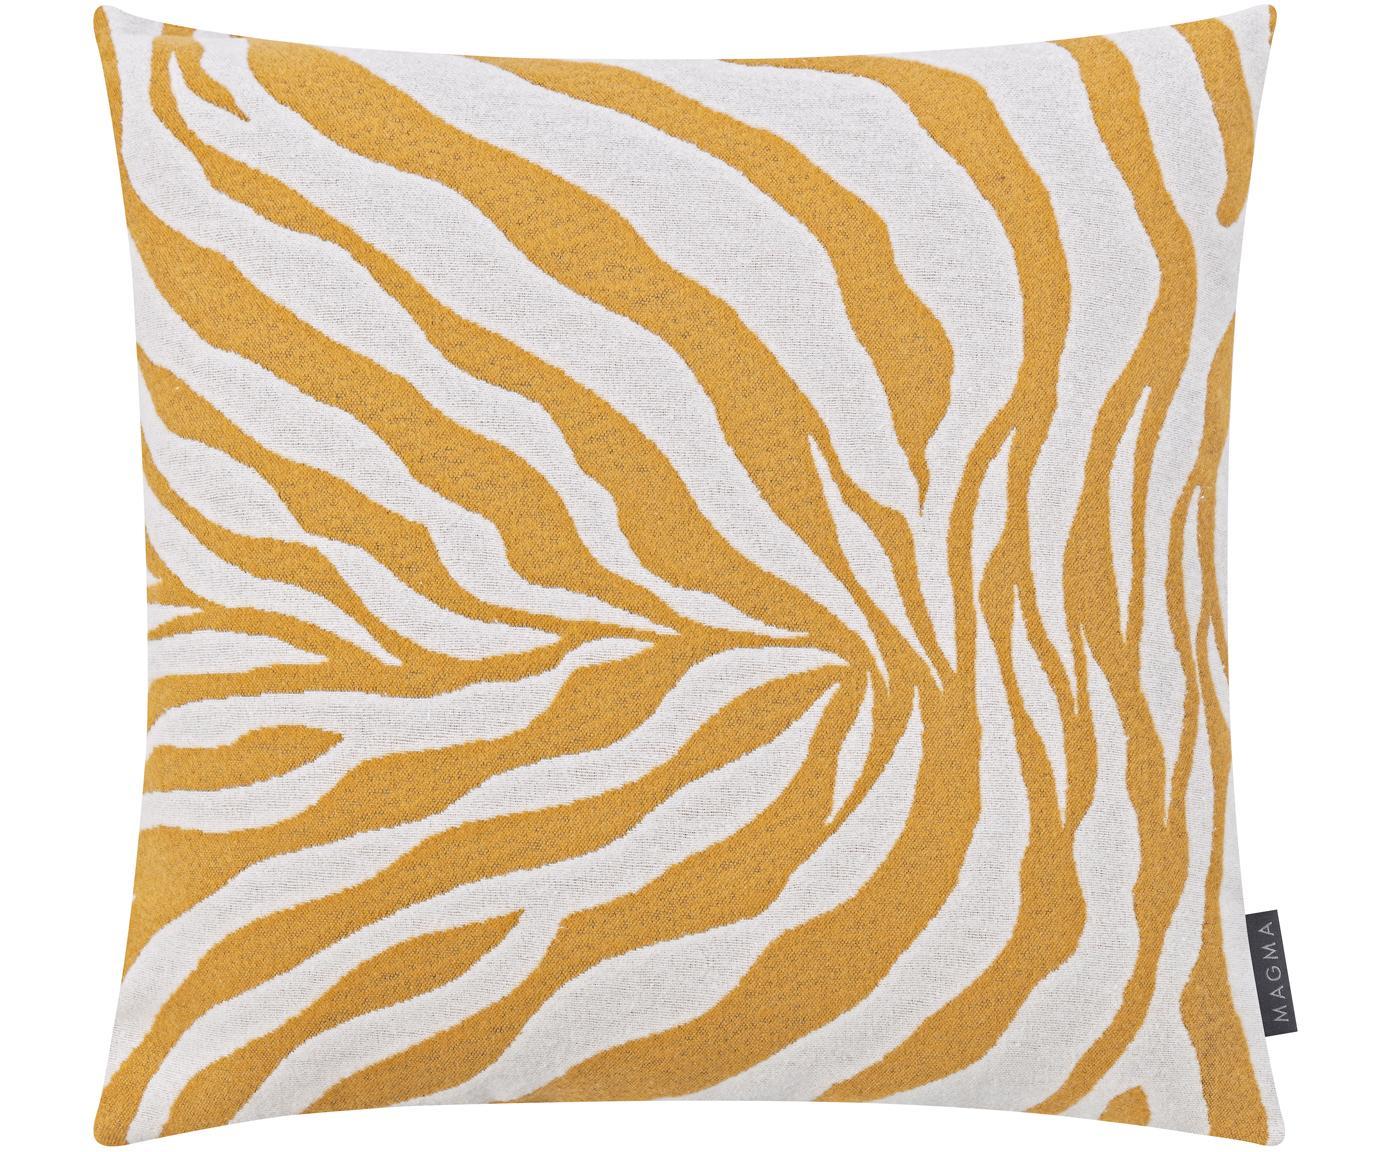 Kissenhülle Sana mit Zebra Print in Gelb/Weiß, Vorderseite: 59%Baumwolle, 41%Polyes, Webart: Jacquard, Senfgelb, Weiß, 50 x 50 cm